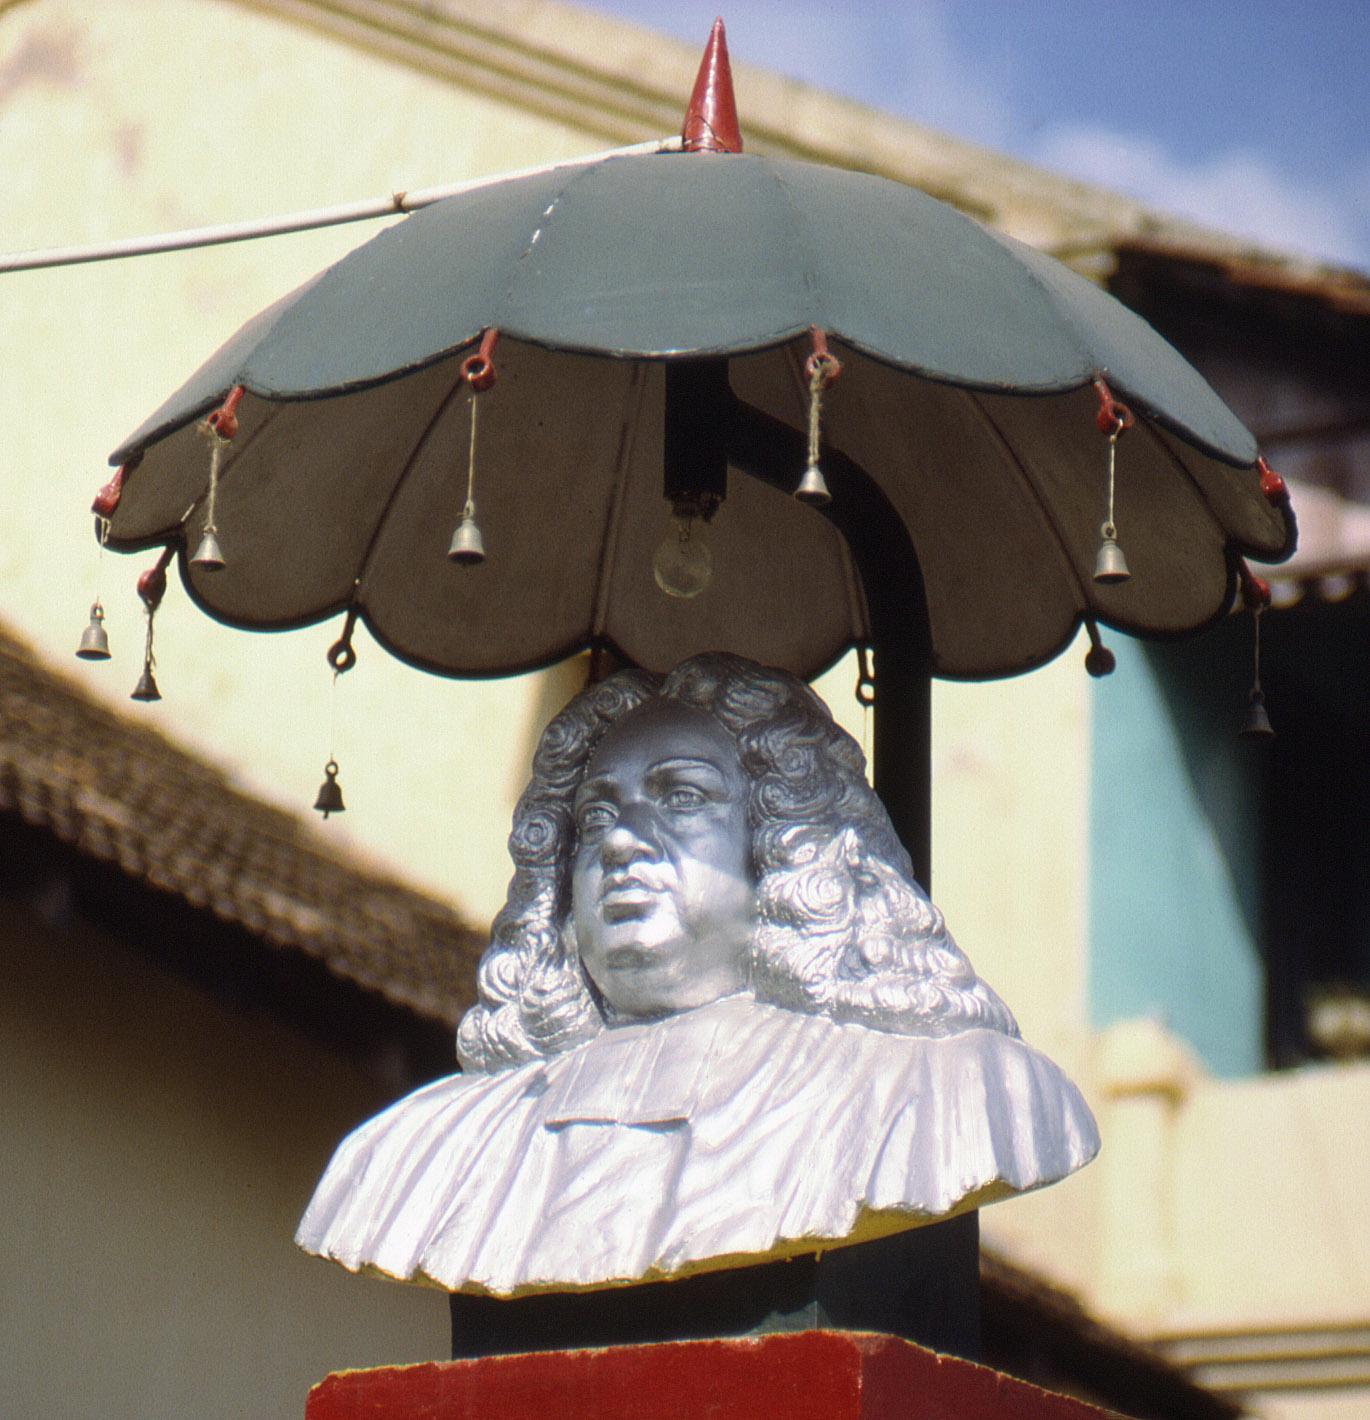 Büste von Bartholomäus Ziegenbalg in Tranquebar, Tamil Nadu, South India